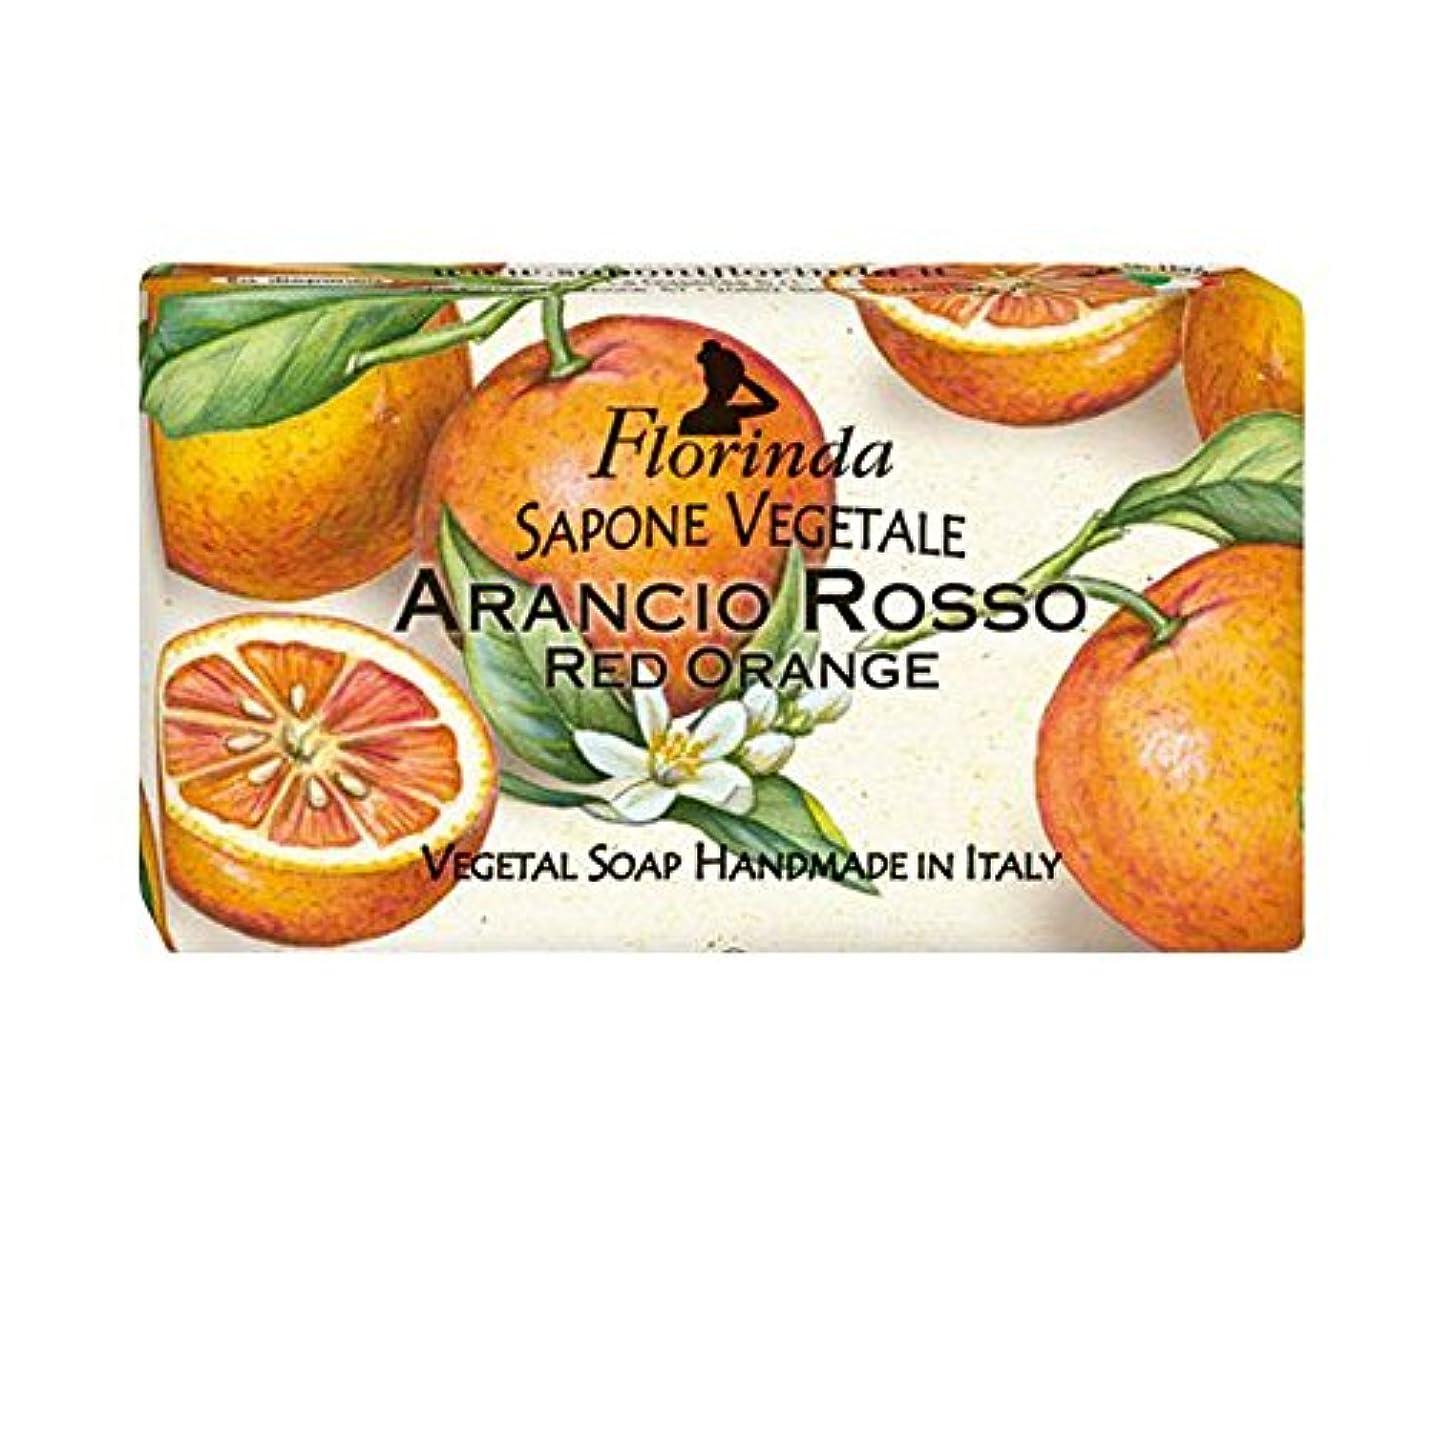 寄り添う調整可能腹部Florinda フロリンダ フレグランスソープ フルーツ レッドオレンジ 100g [並行輸入品]